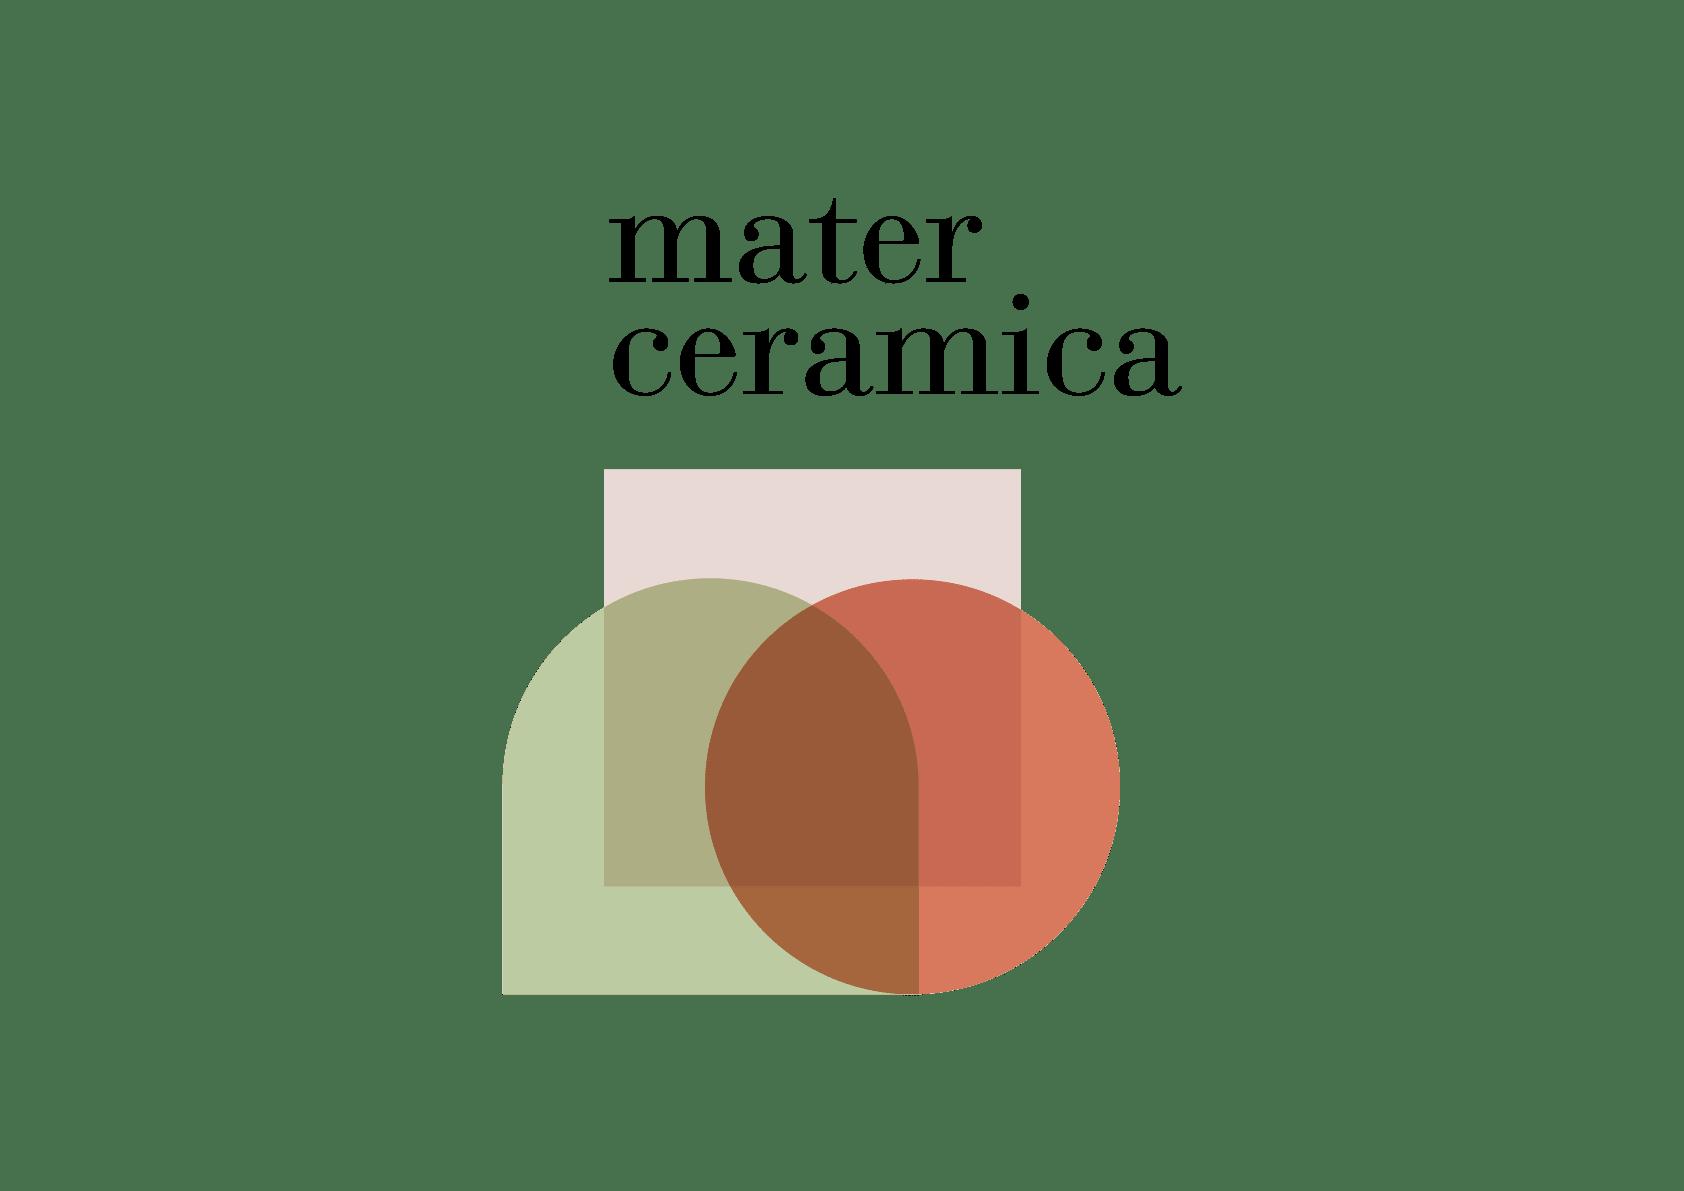 Area Ceramica Civita Castellana.Mater Ceramica Buongiorno Ceramica